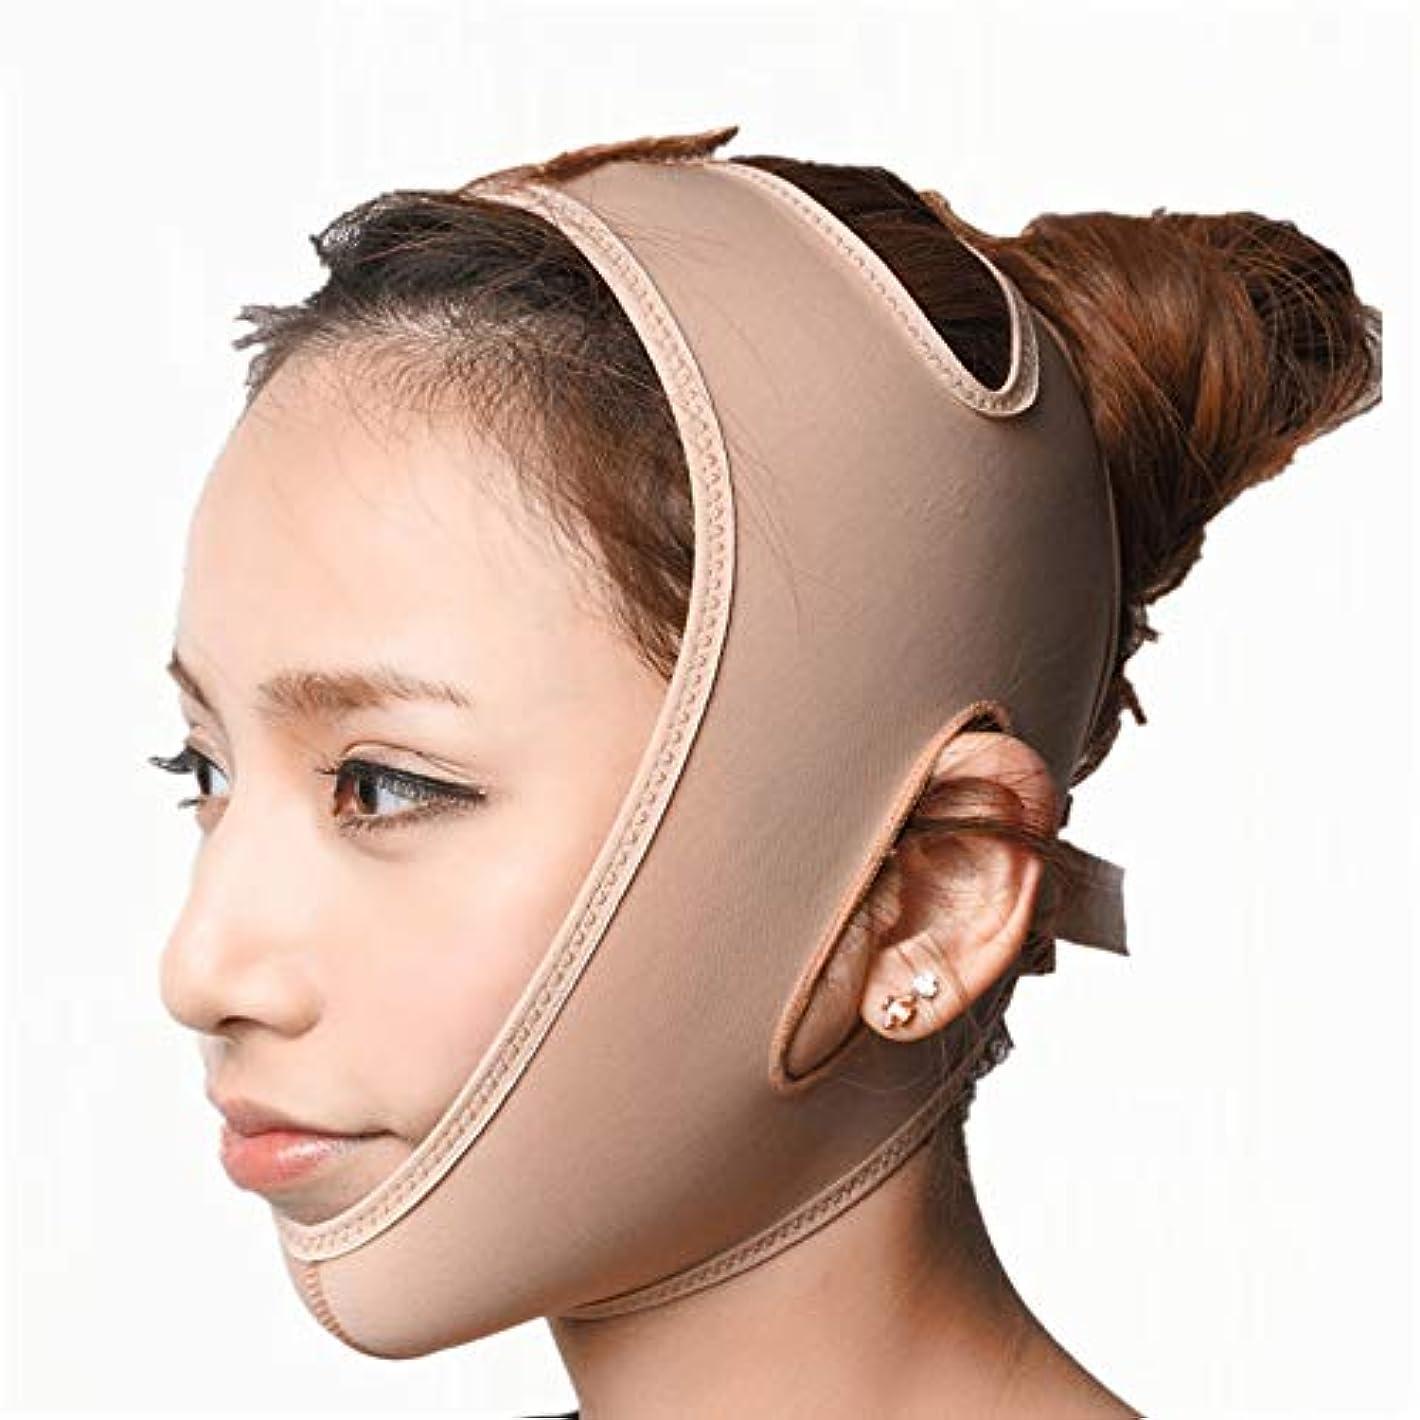 周波数ターミナルギャングスターGYZ 顔の持ち上がる痩身ベルト - アンチエイジングリンクルフェイスマスクベルトシンフェイス包帯整形マスクは顔と首を締めますフェイススリム Thin Face Belt (Size : XL)